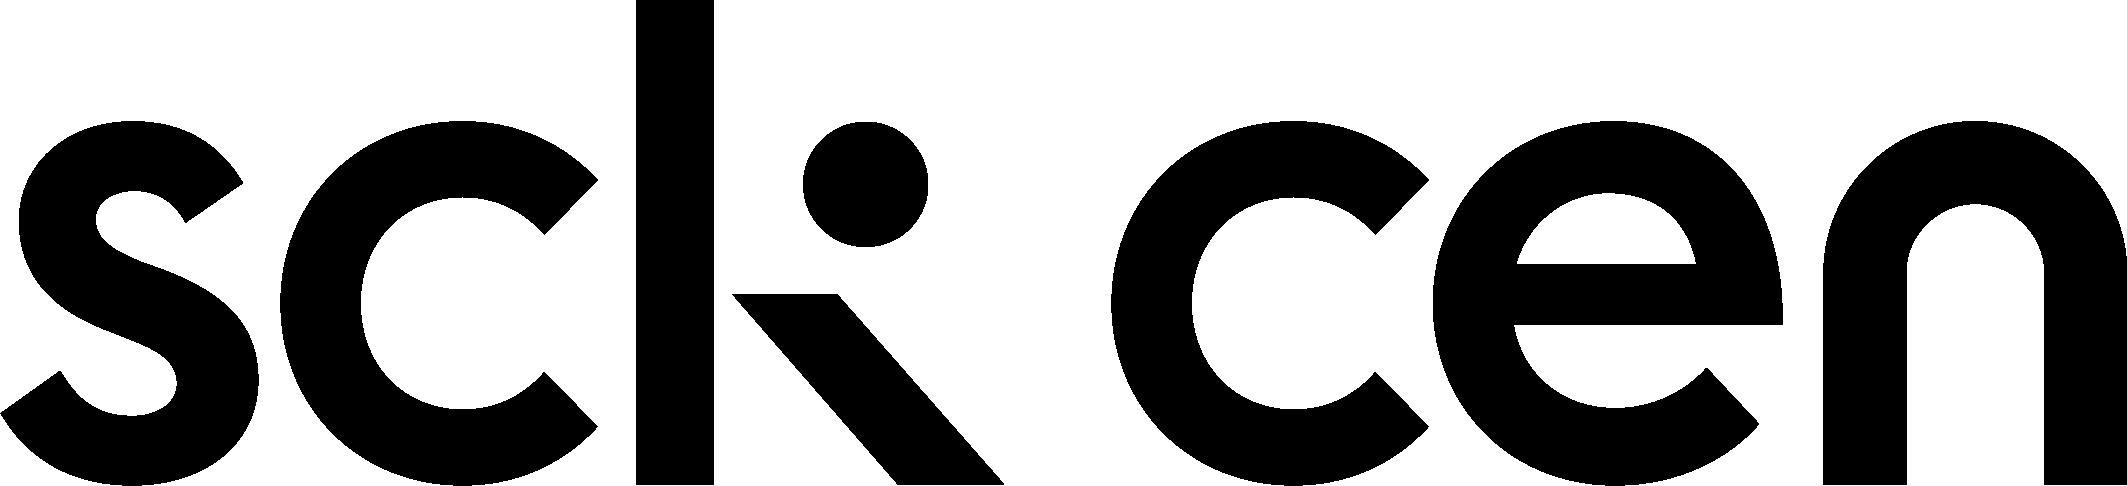 SCK CEN logo